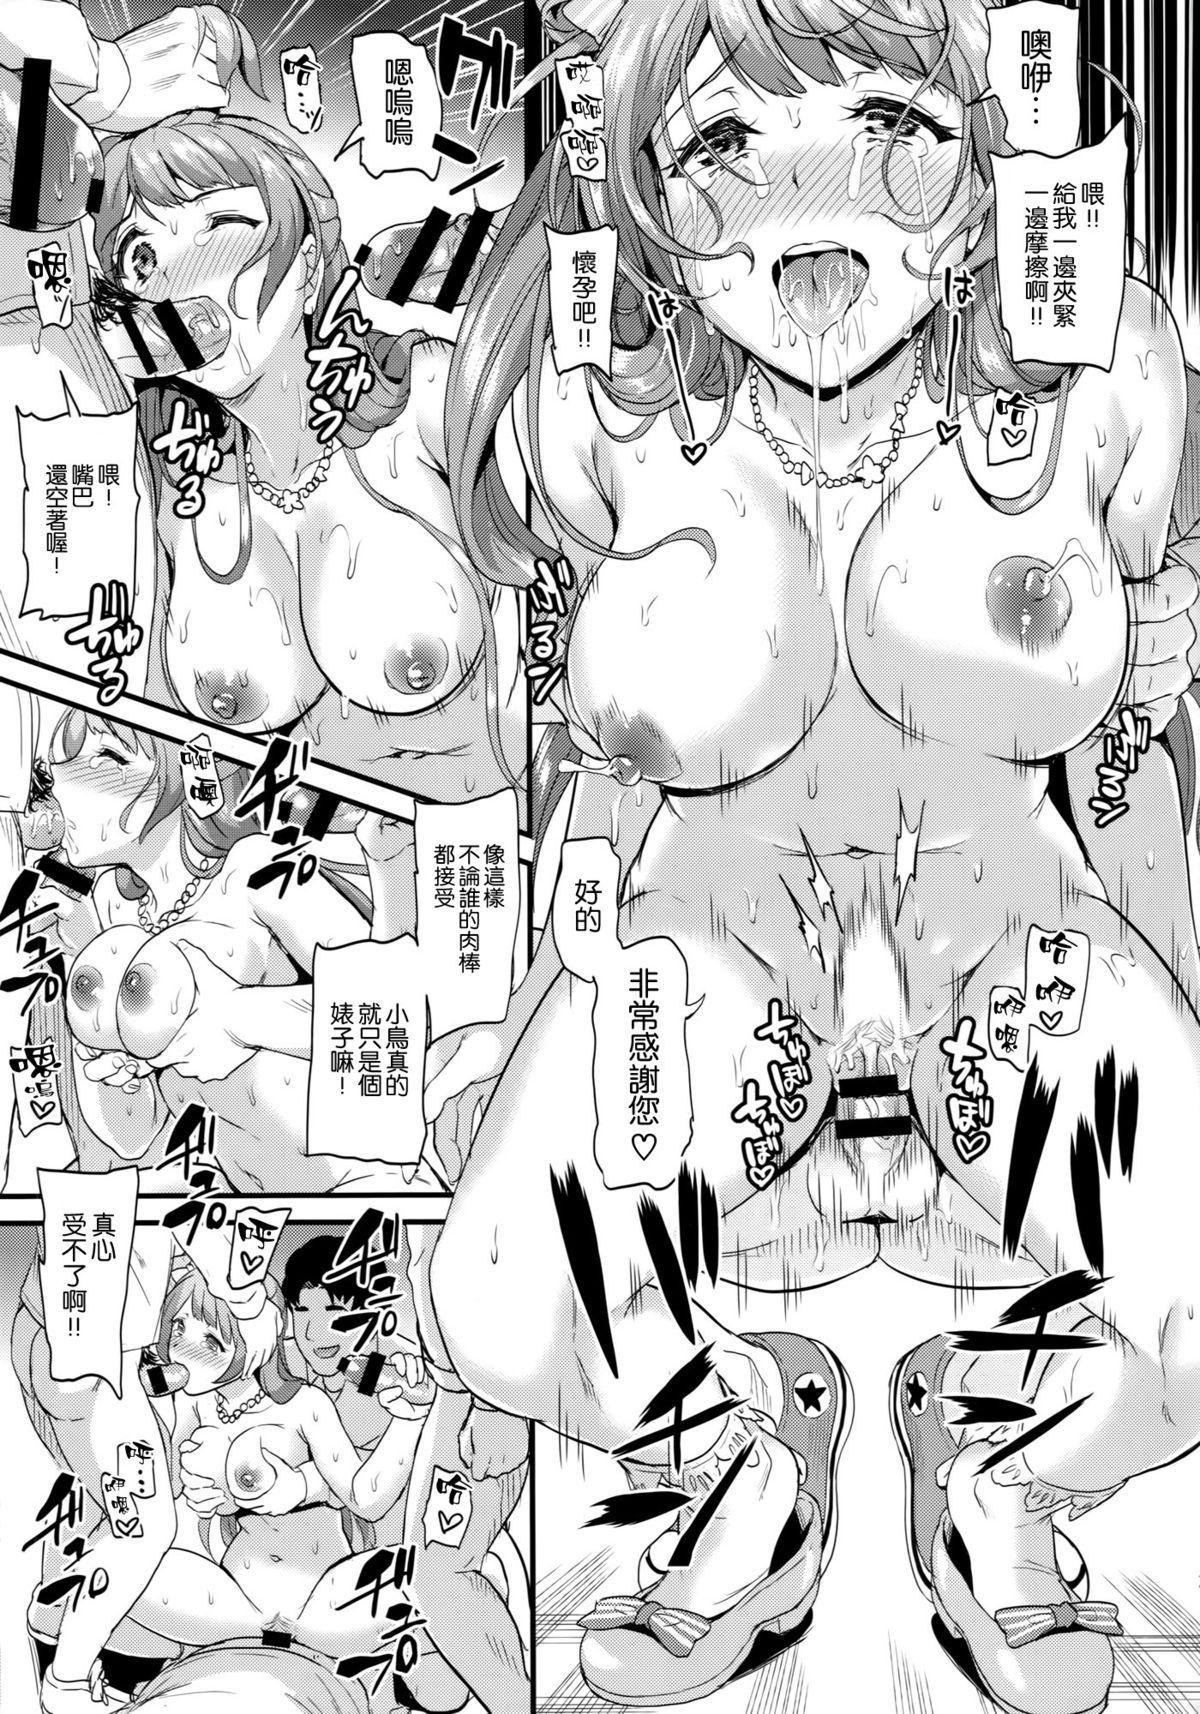 Kotori no Yukue 26